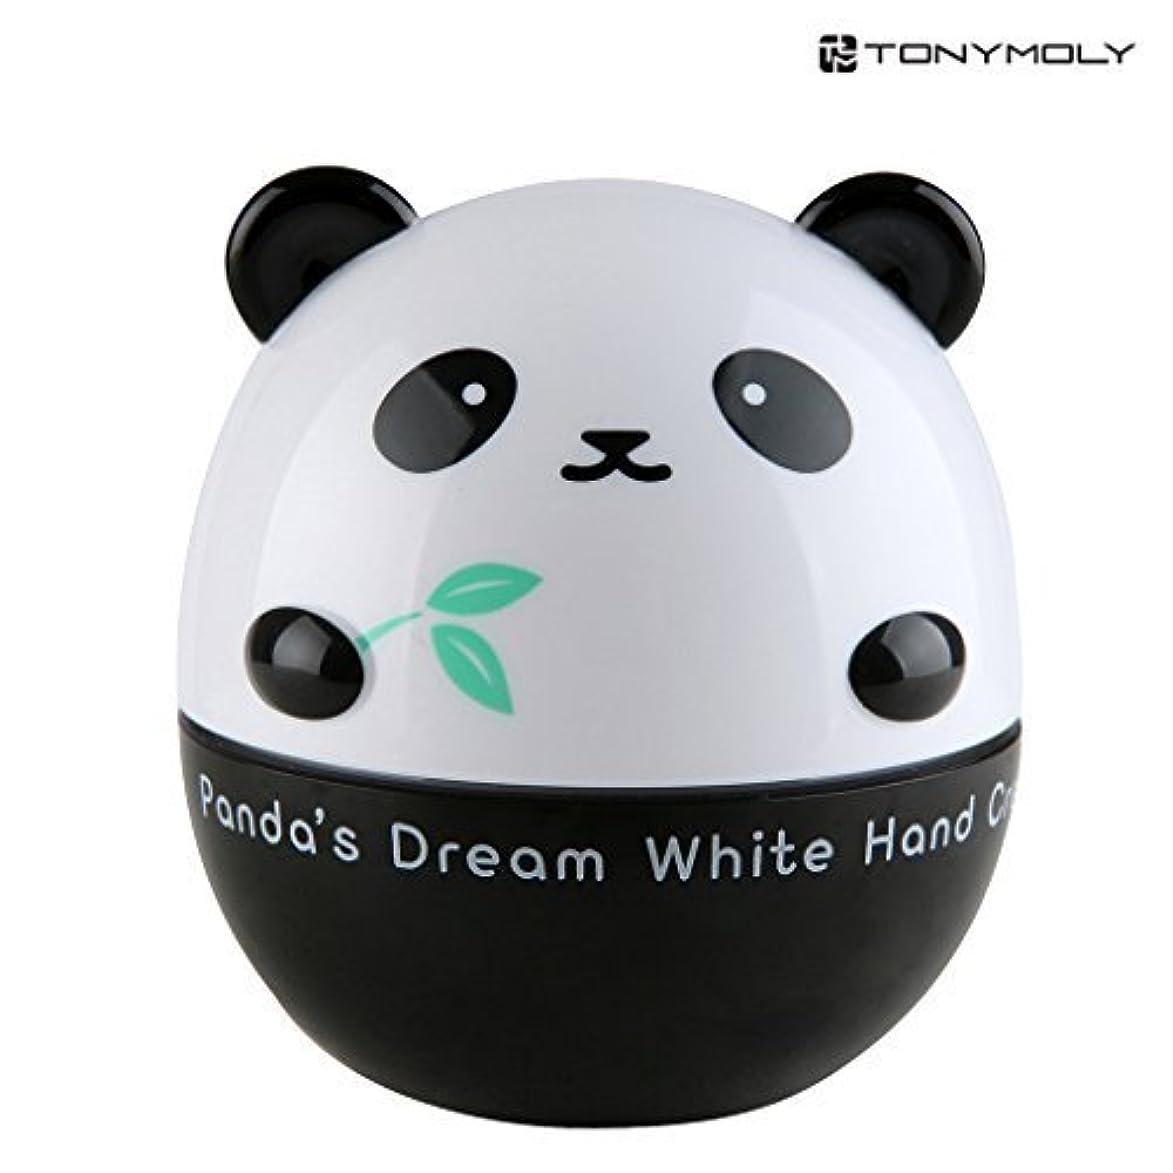 導入する潮弁護士TONYMOLY Panda's Dream White Hand cream by TONYMOLY [並行輸入品]